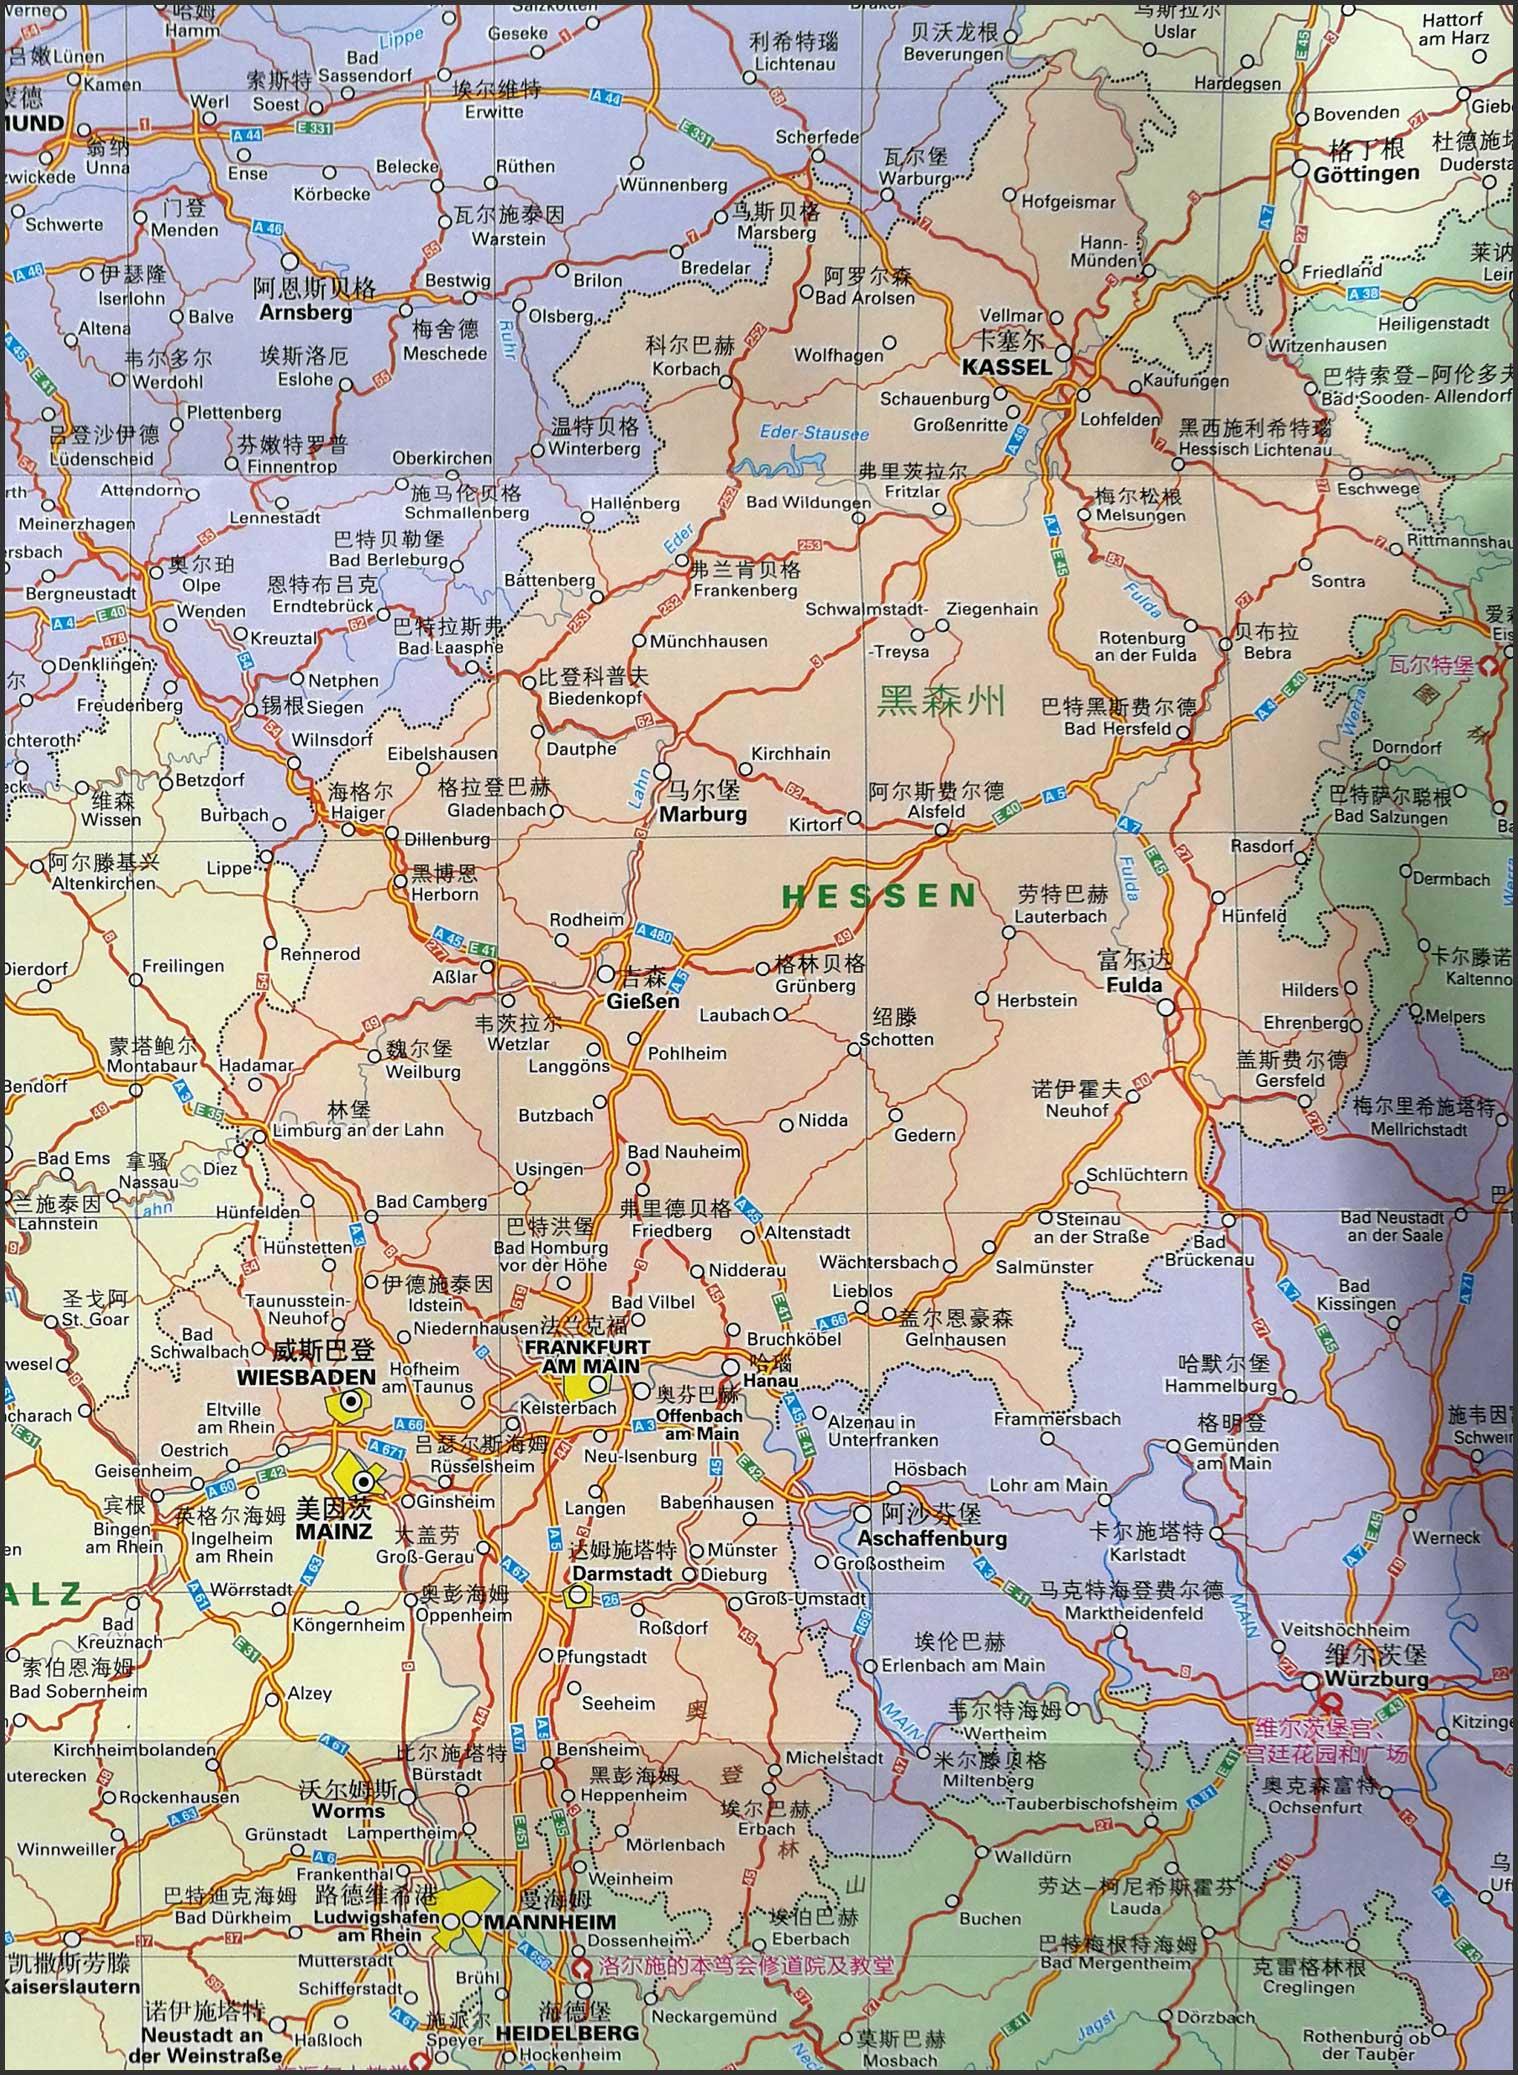 黑森州地图